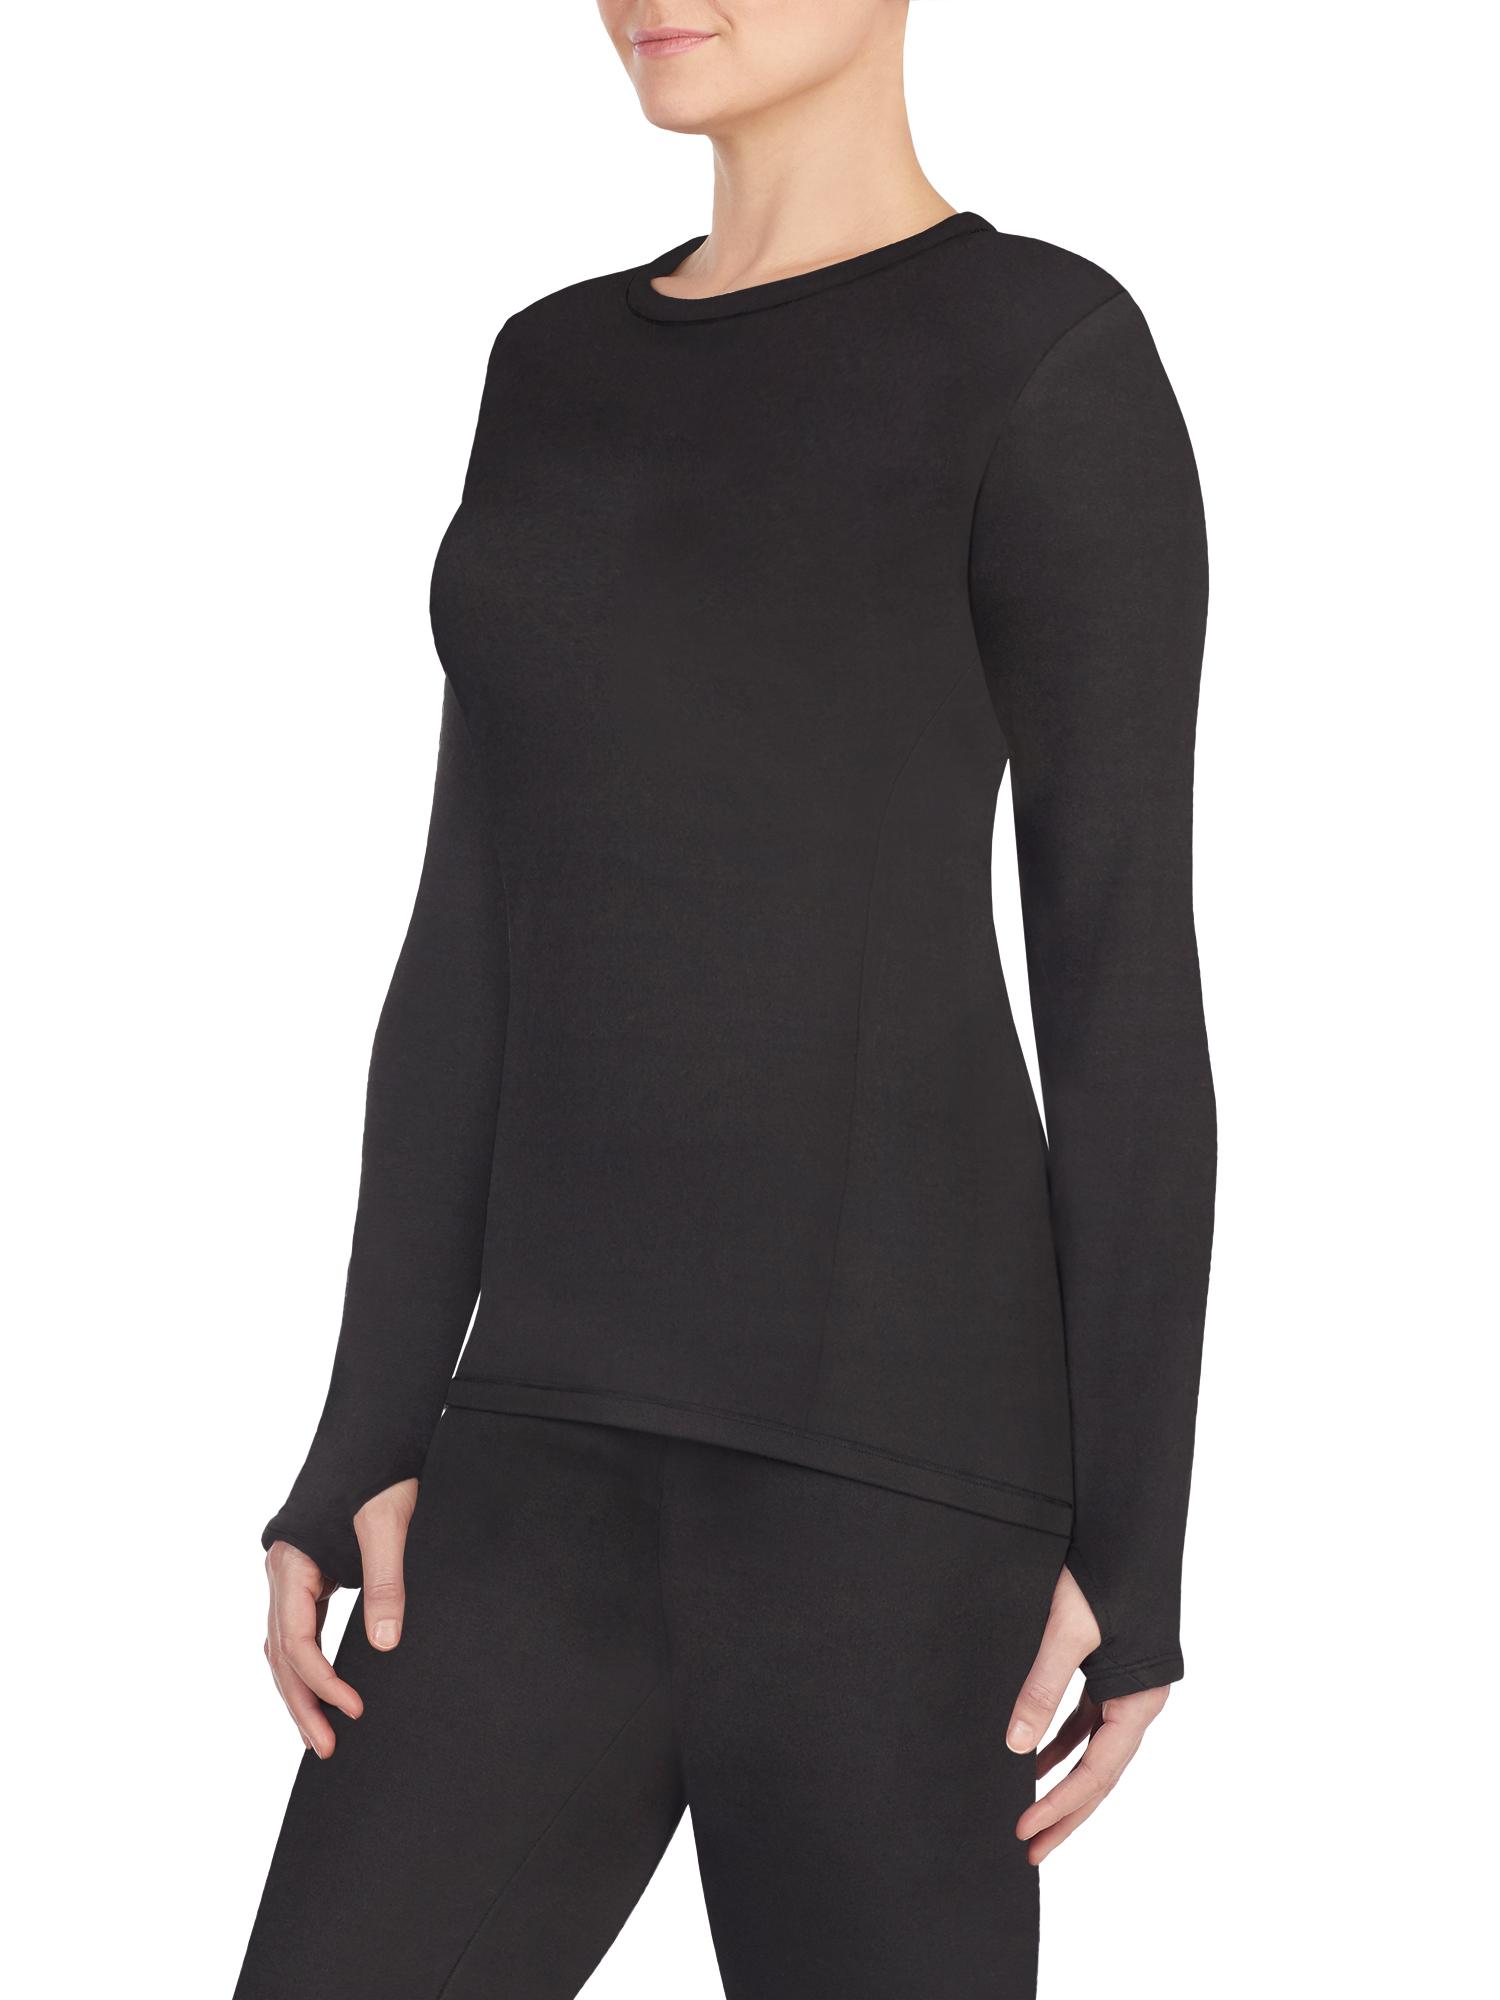 Women's Strech Luxe Velour Warm Underwear Long Sleeve Top